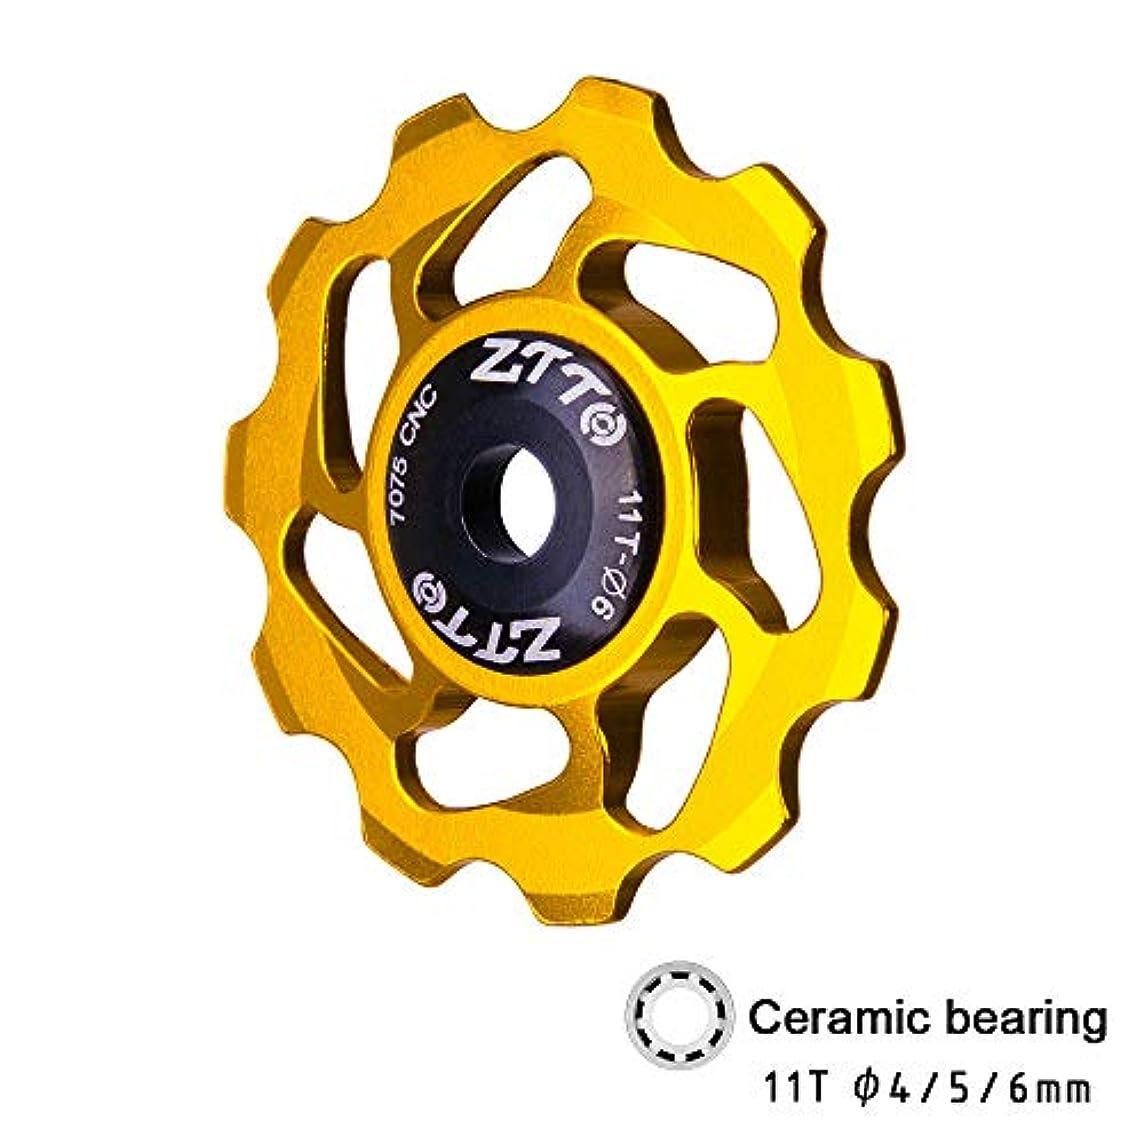 疲労クライストチャーチ予測するRakuby 11T MTB自転車リアディレイラー ジョッキーホイール セラミックベアリングプーリー ロード バイクガイドローラー 4mm 5mm 6mm